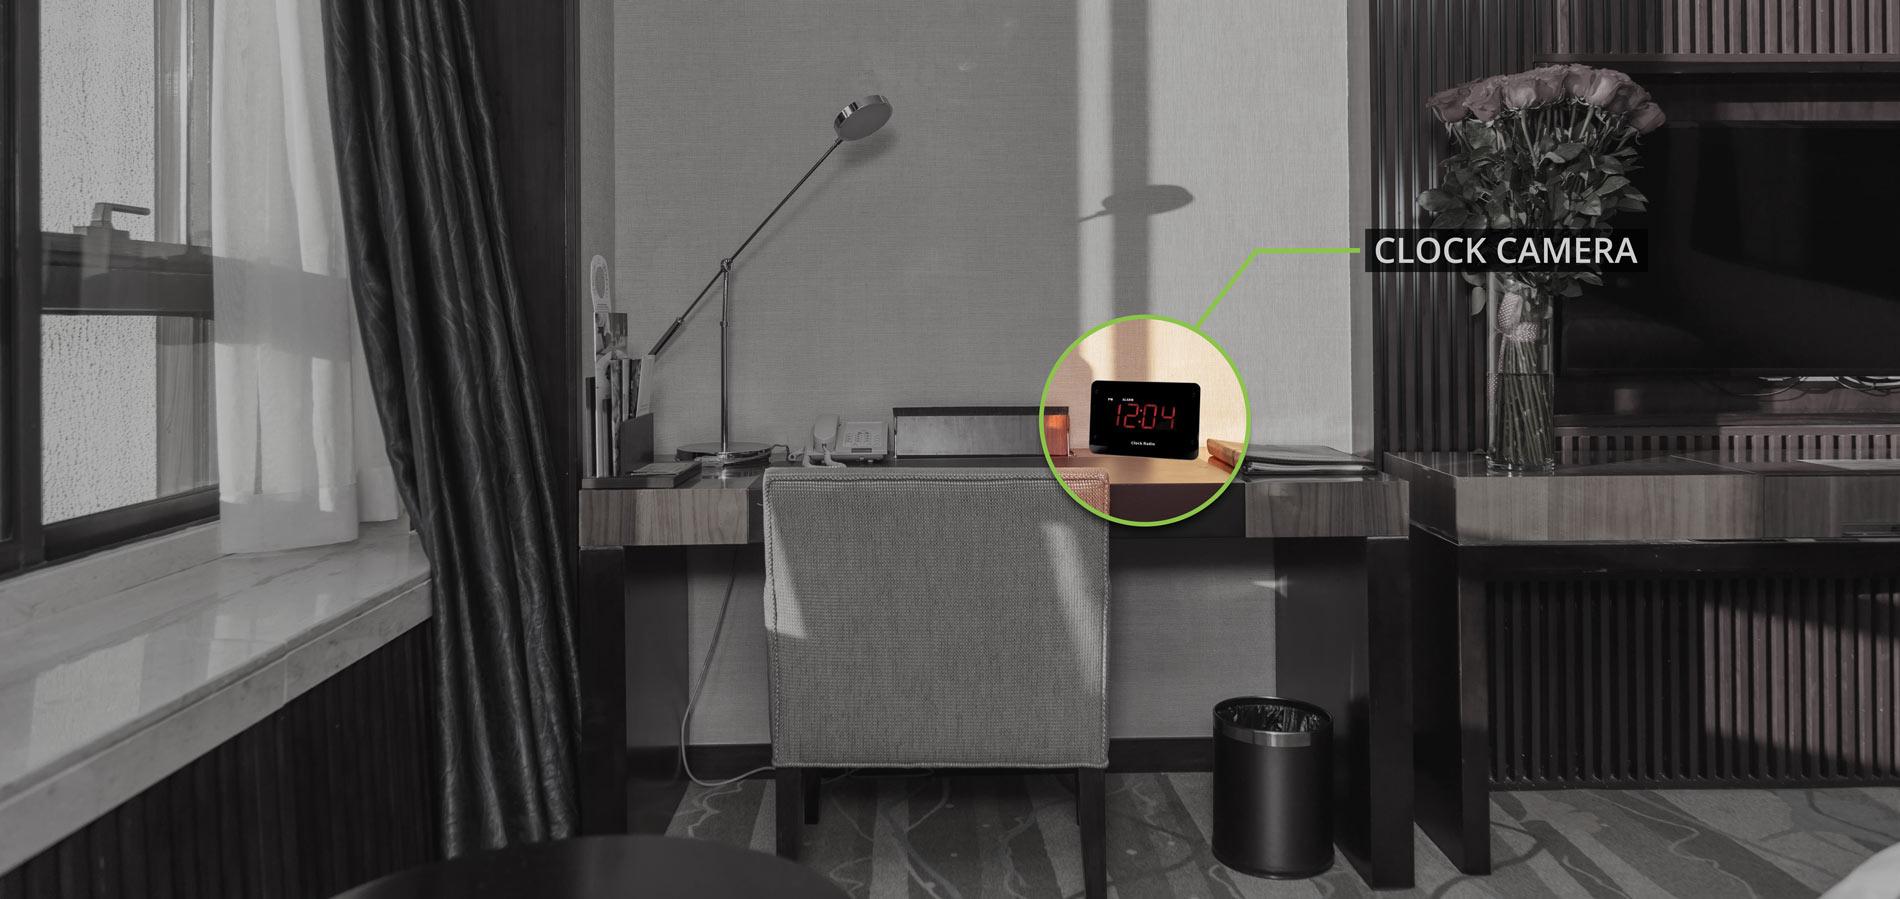 blog - hidden camera - 4 Ways of Detecting Hidden Cameras in Your Airbnb